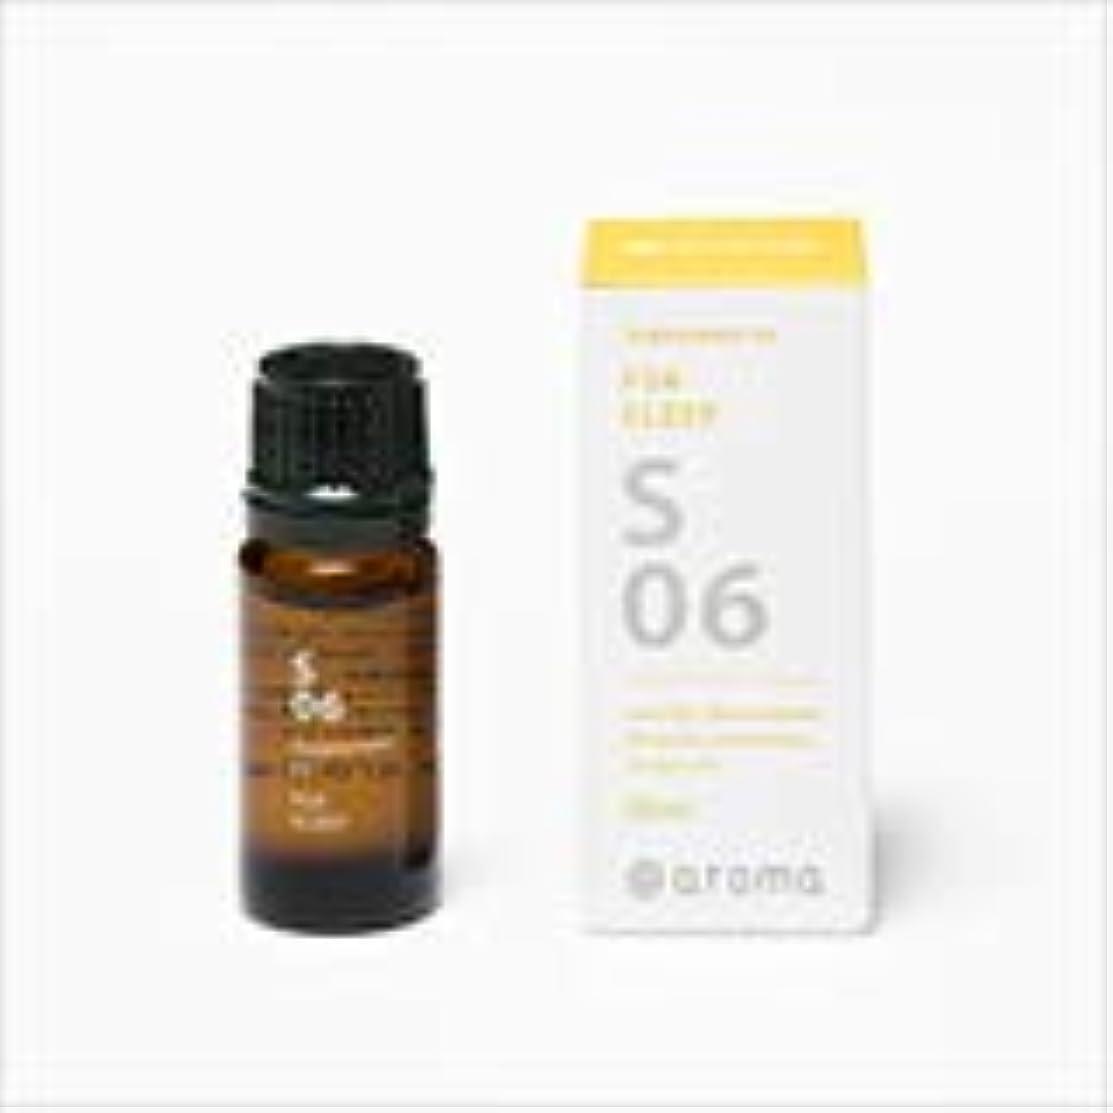 略す読書をする発揮するアットアロマ 100%pure essential oil <Supplement air メディテーション>